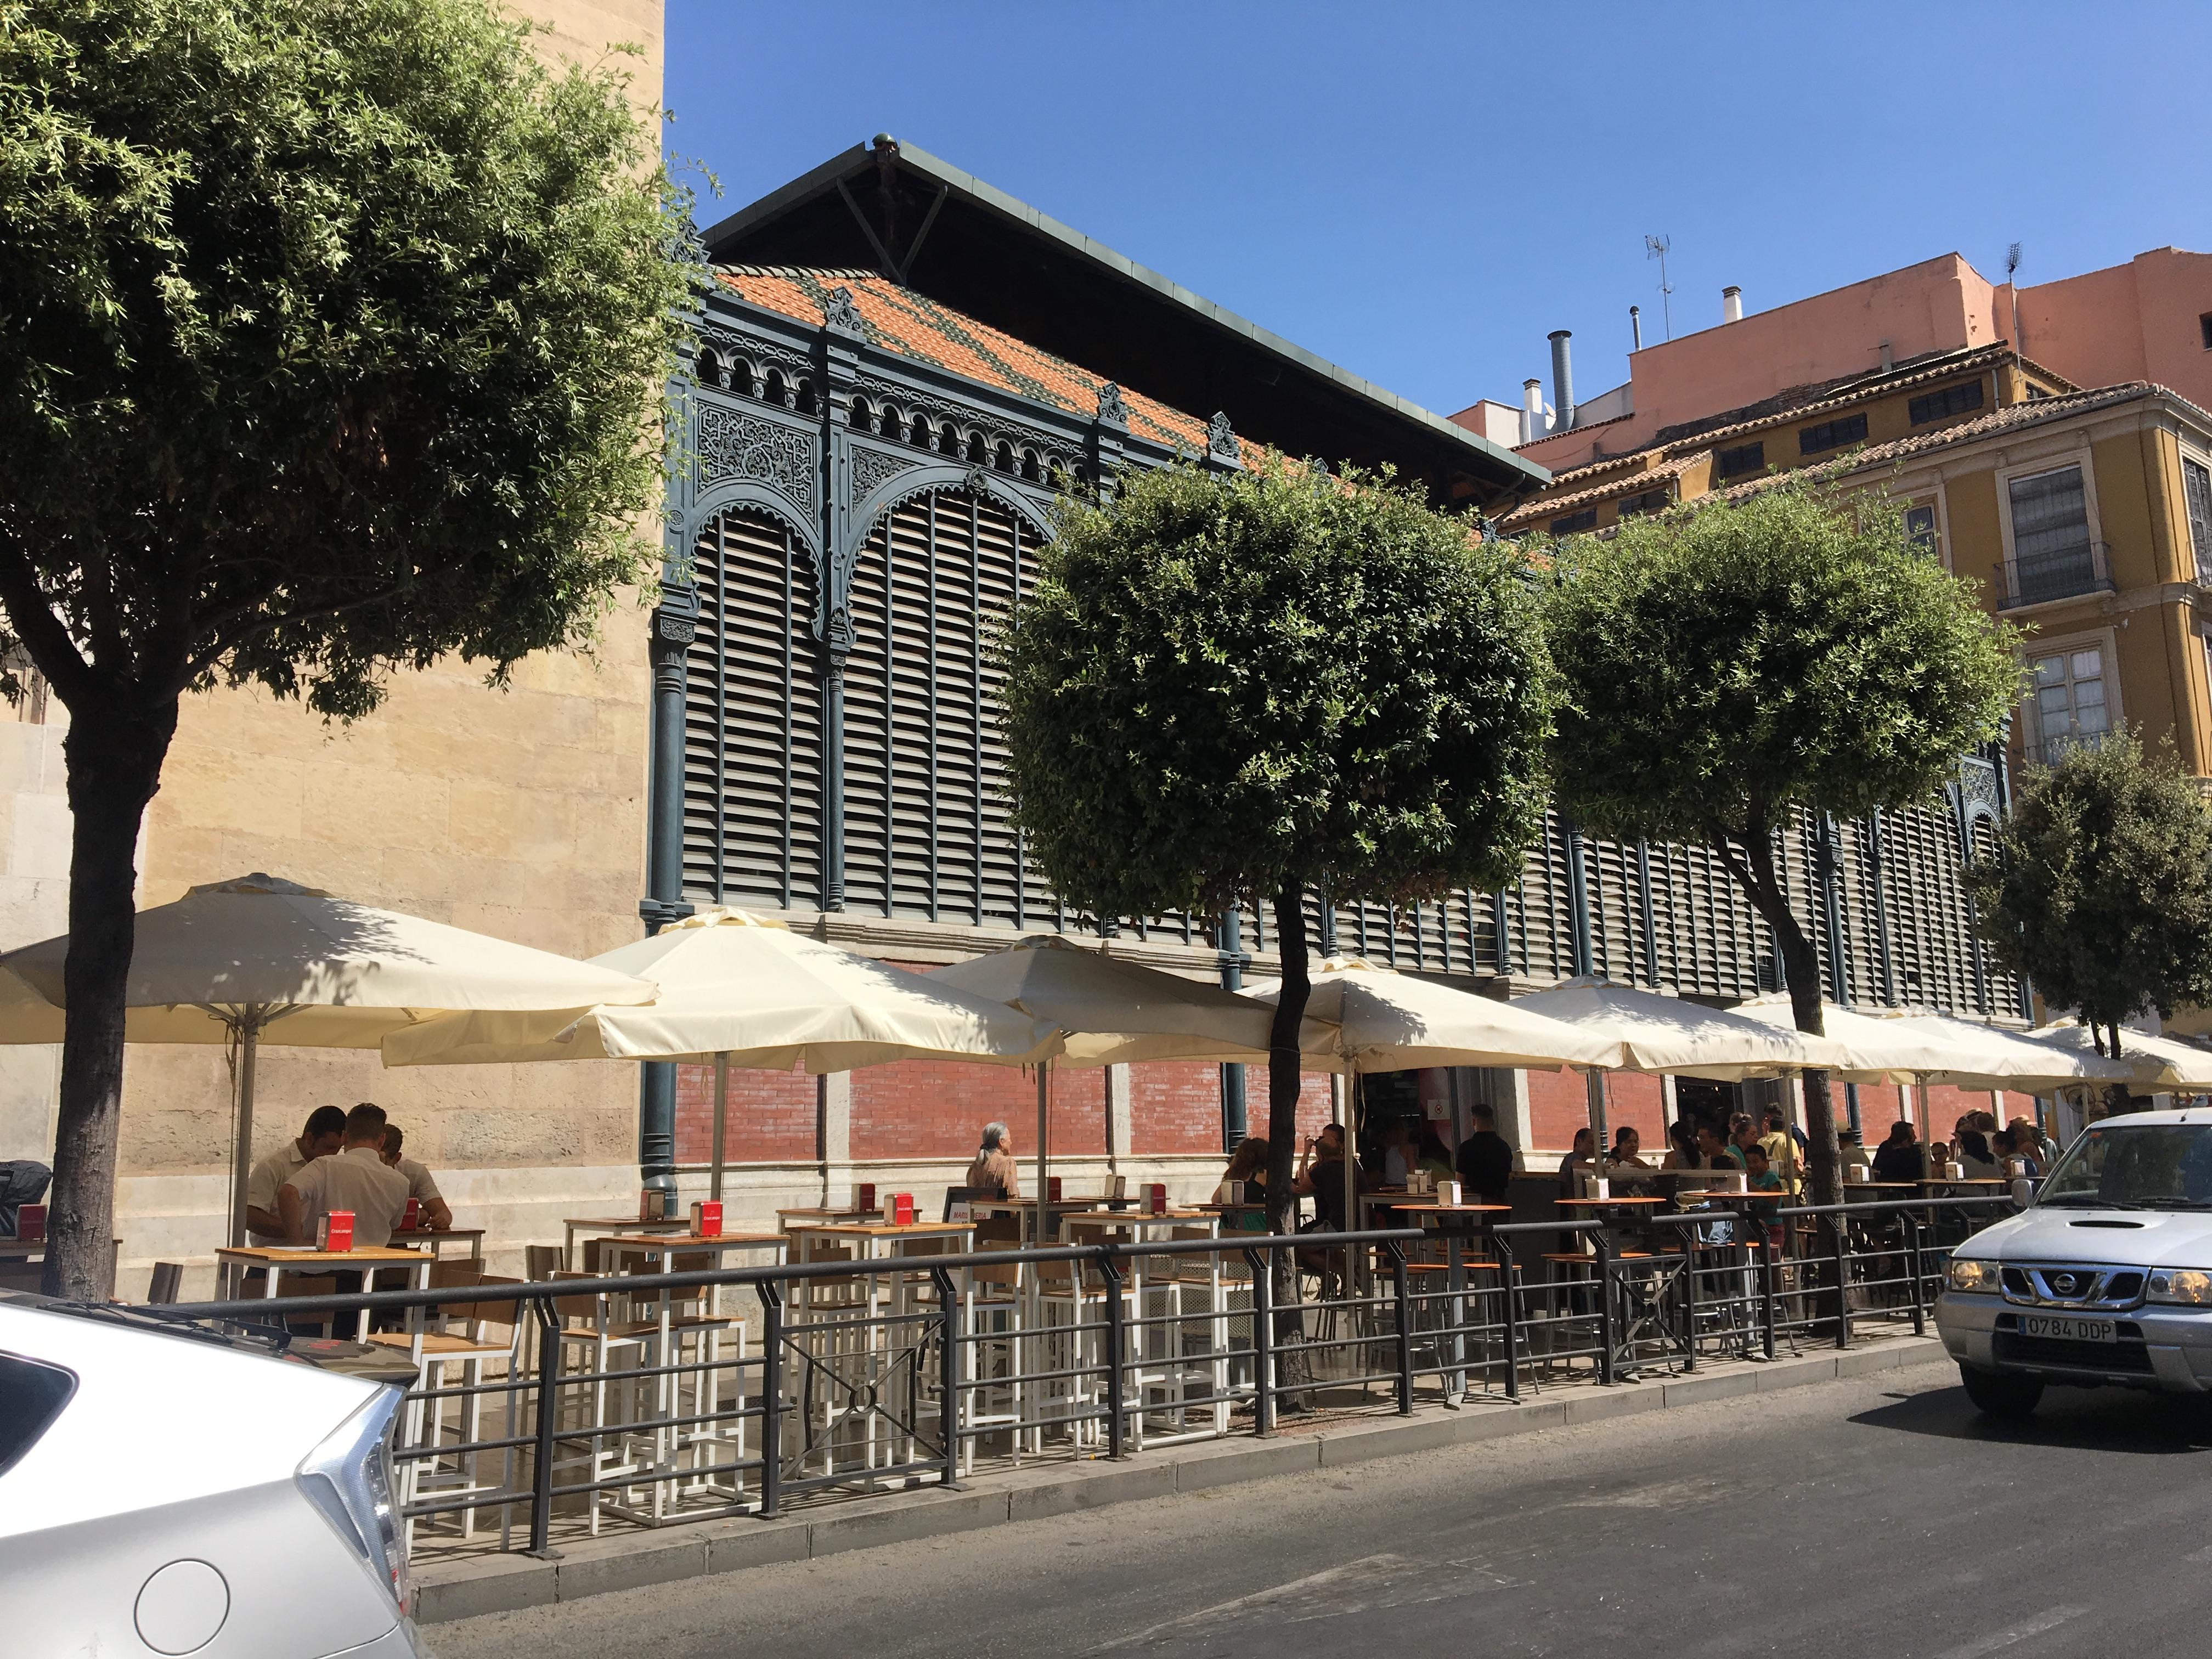 Detalle terracitas